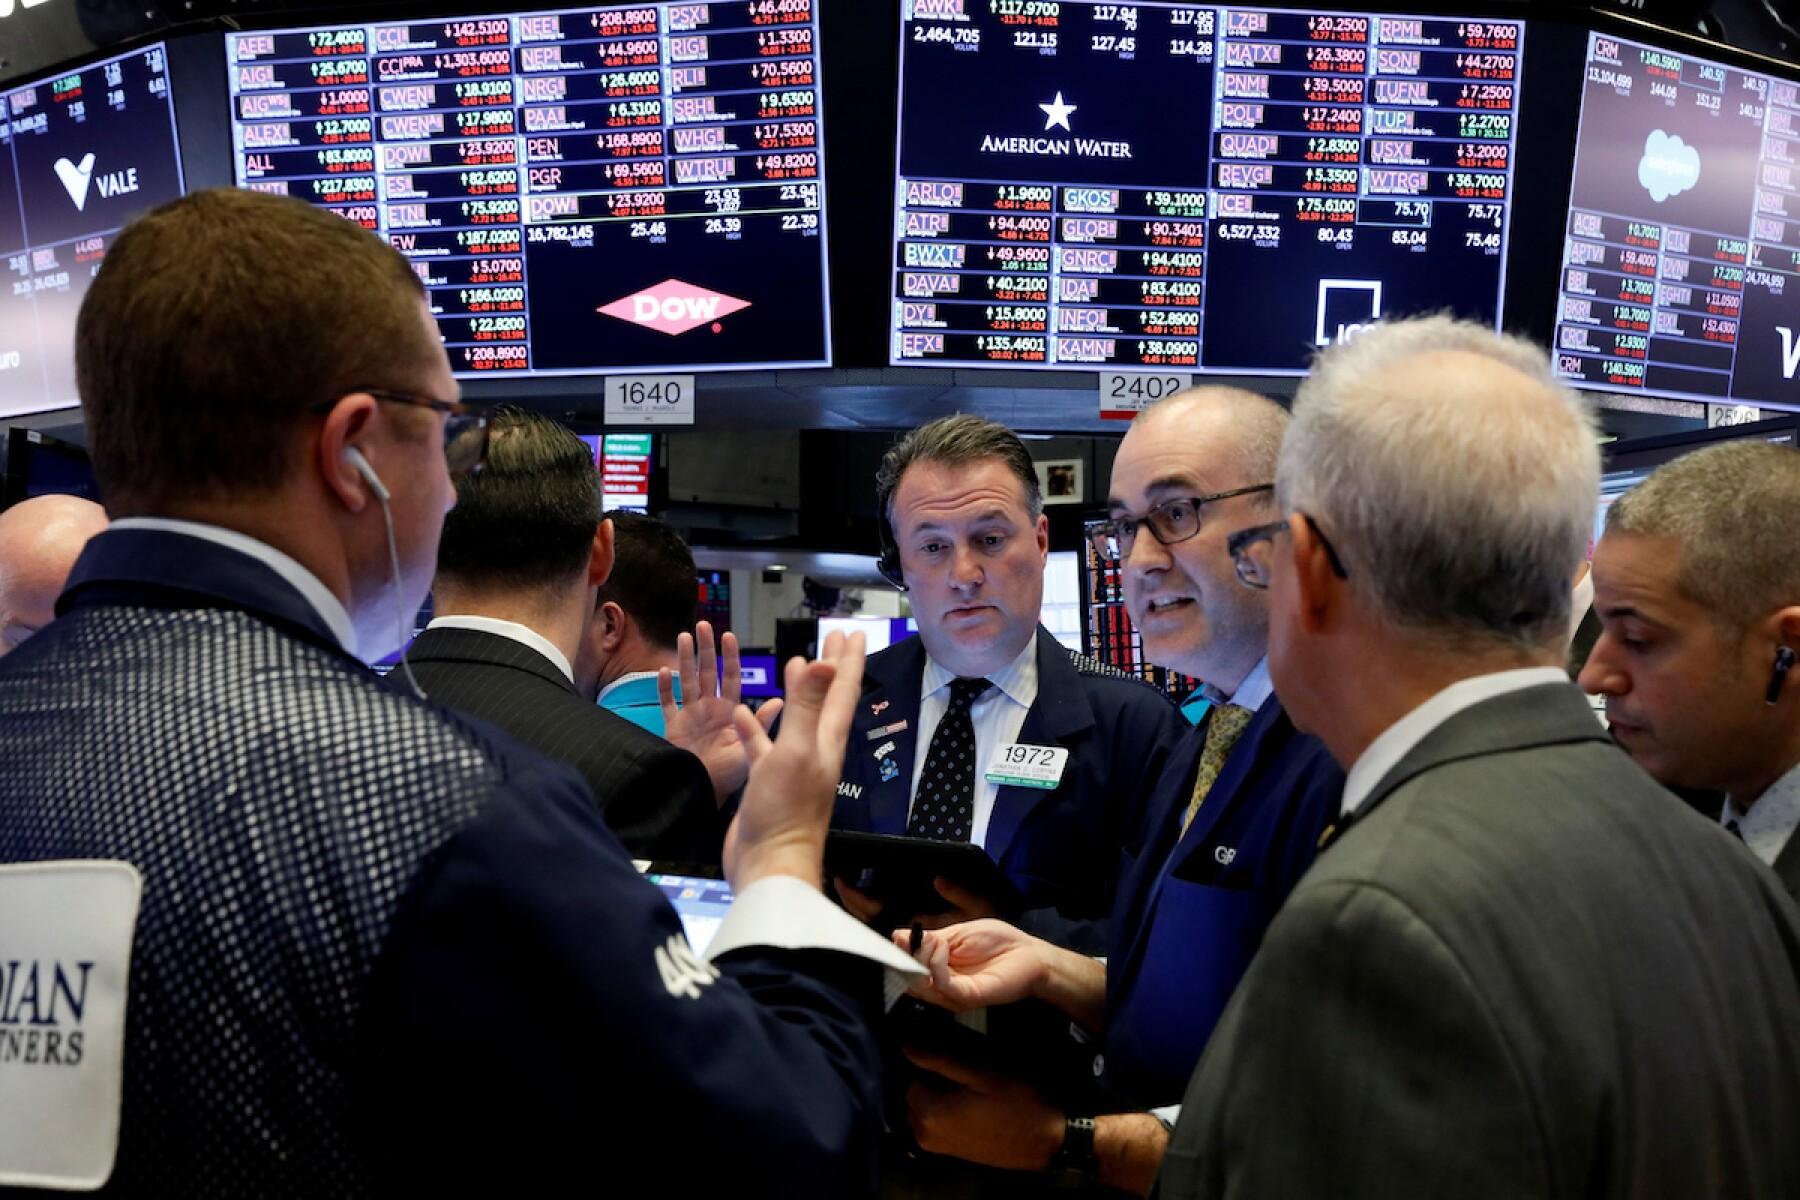 Mercados cambiarios - mercados financieros internacionales - mercados afectados